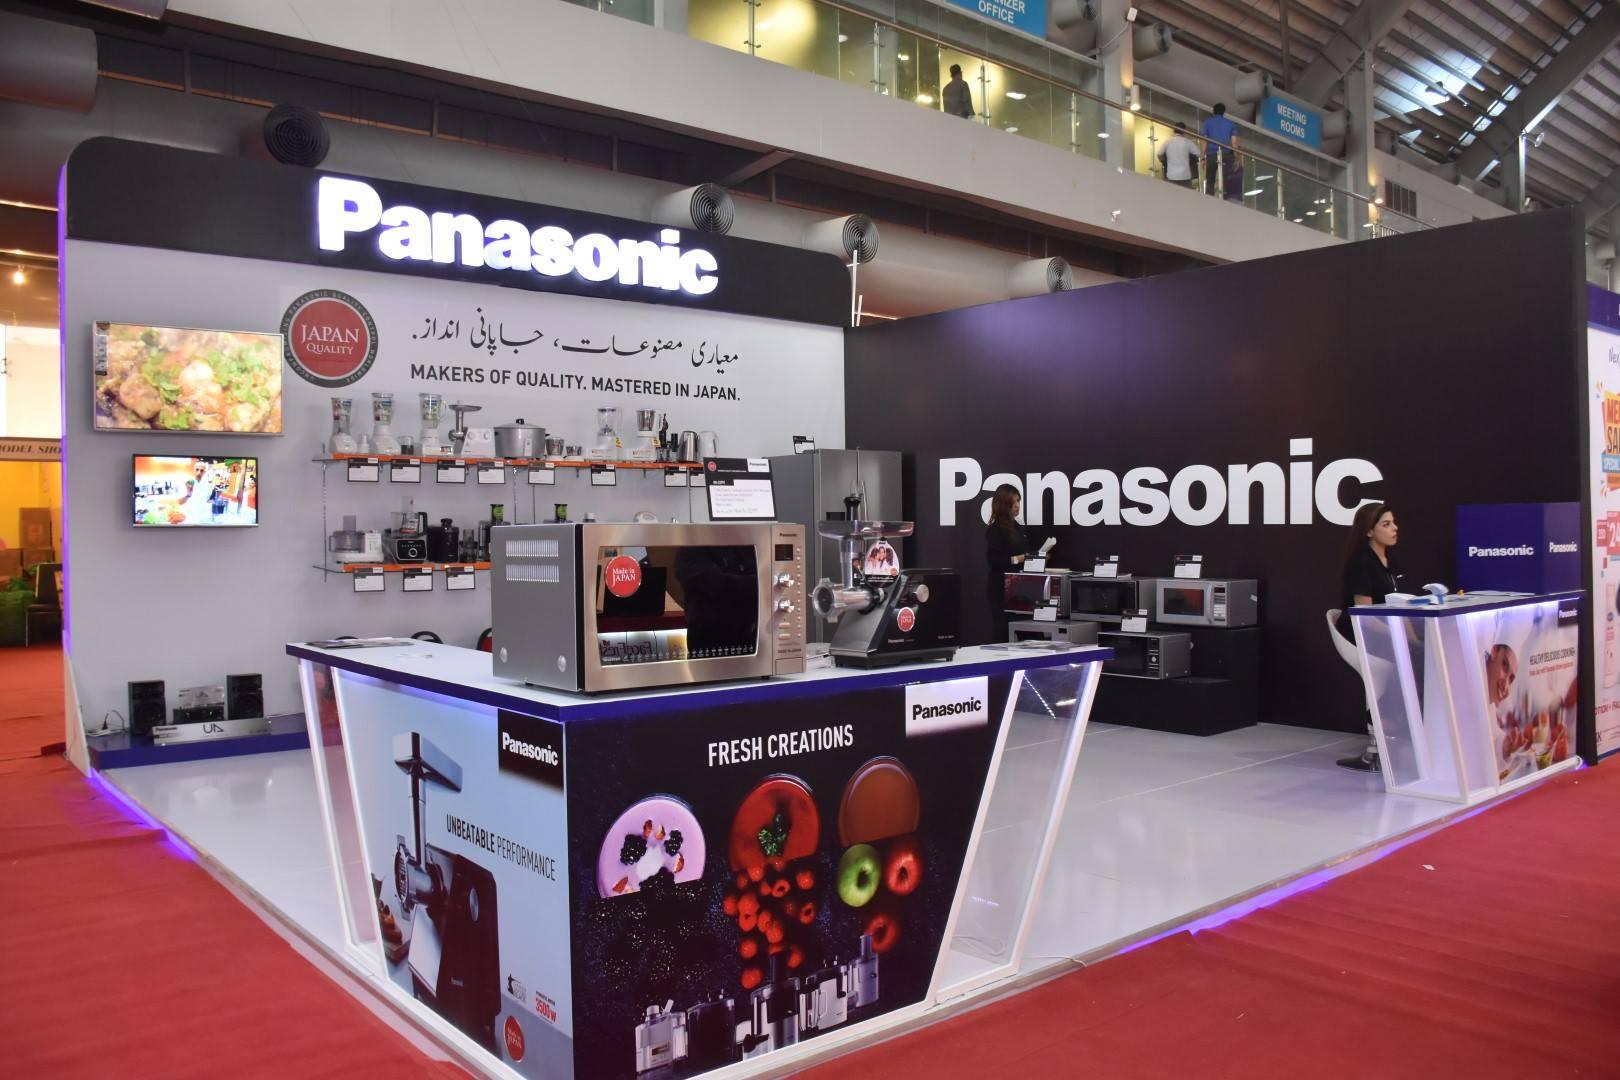 Chiến lược Marketing của Panasonic hiệu quả